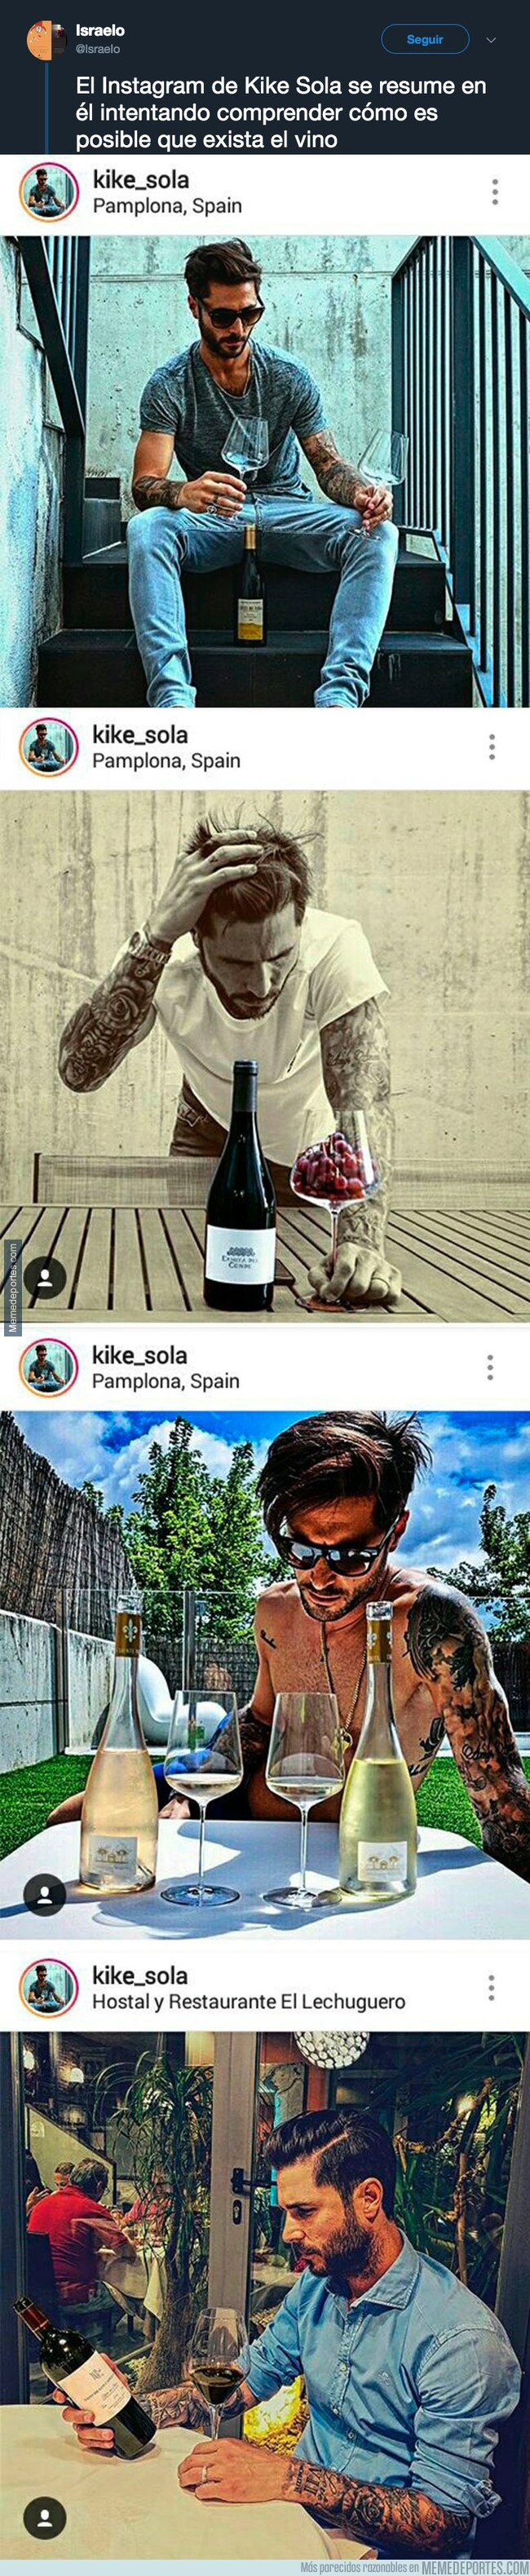 1048190 - Todo el mundo se está riendo con el Instagram de Kike Sola al descubrir su máxima curiosidad